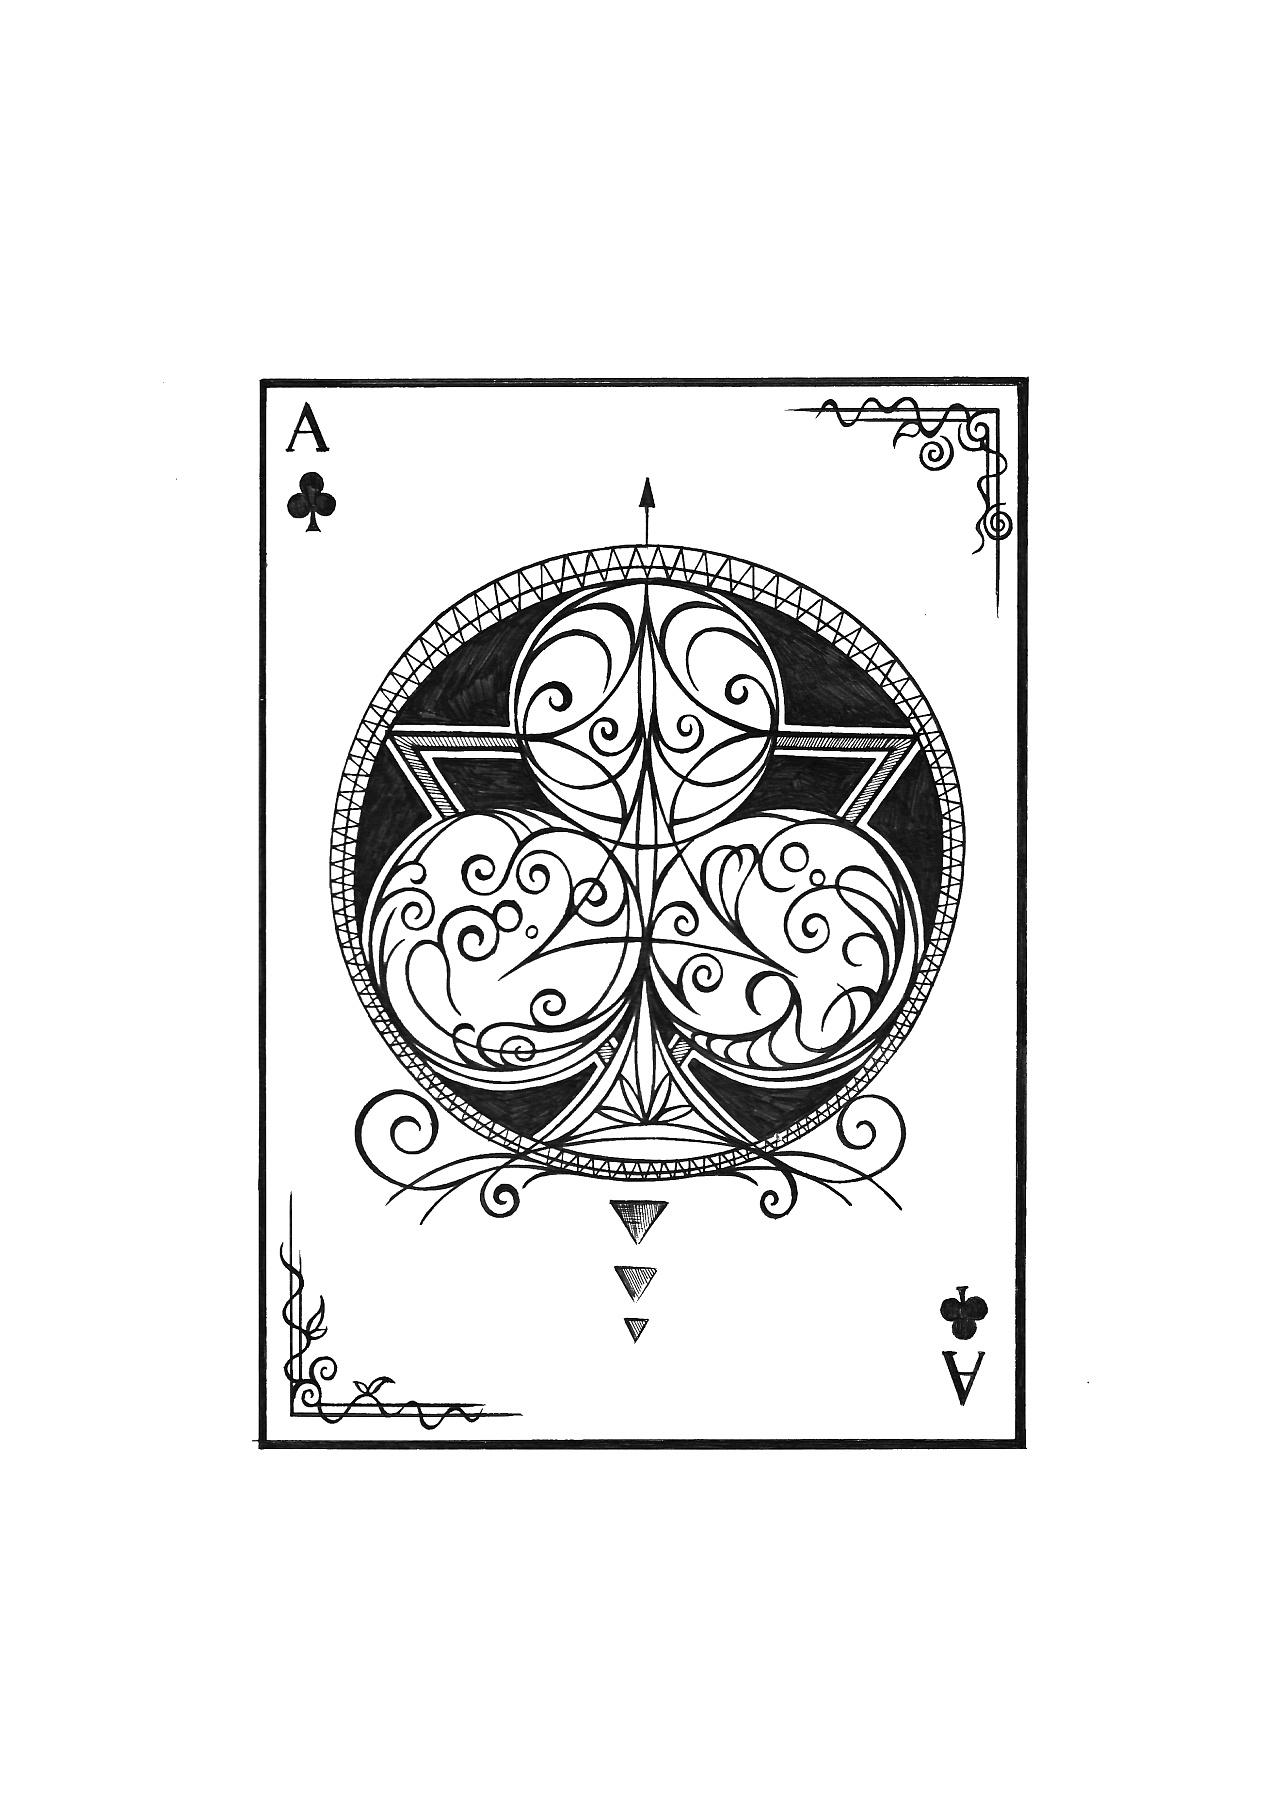 黑白手绘线条画_扑克牌手绘设计|插画|概念设定|sMrZhao4295 - 原创作品 - 站酷 (ZCOOL)